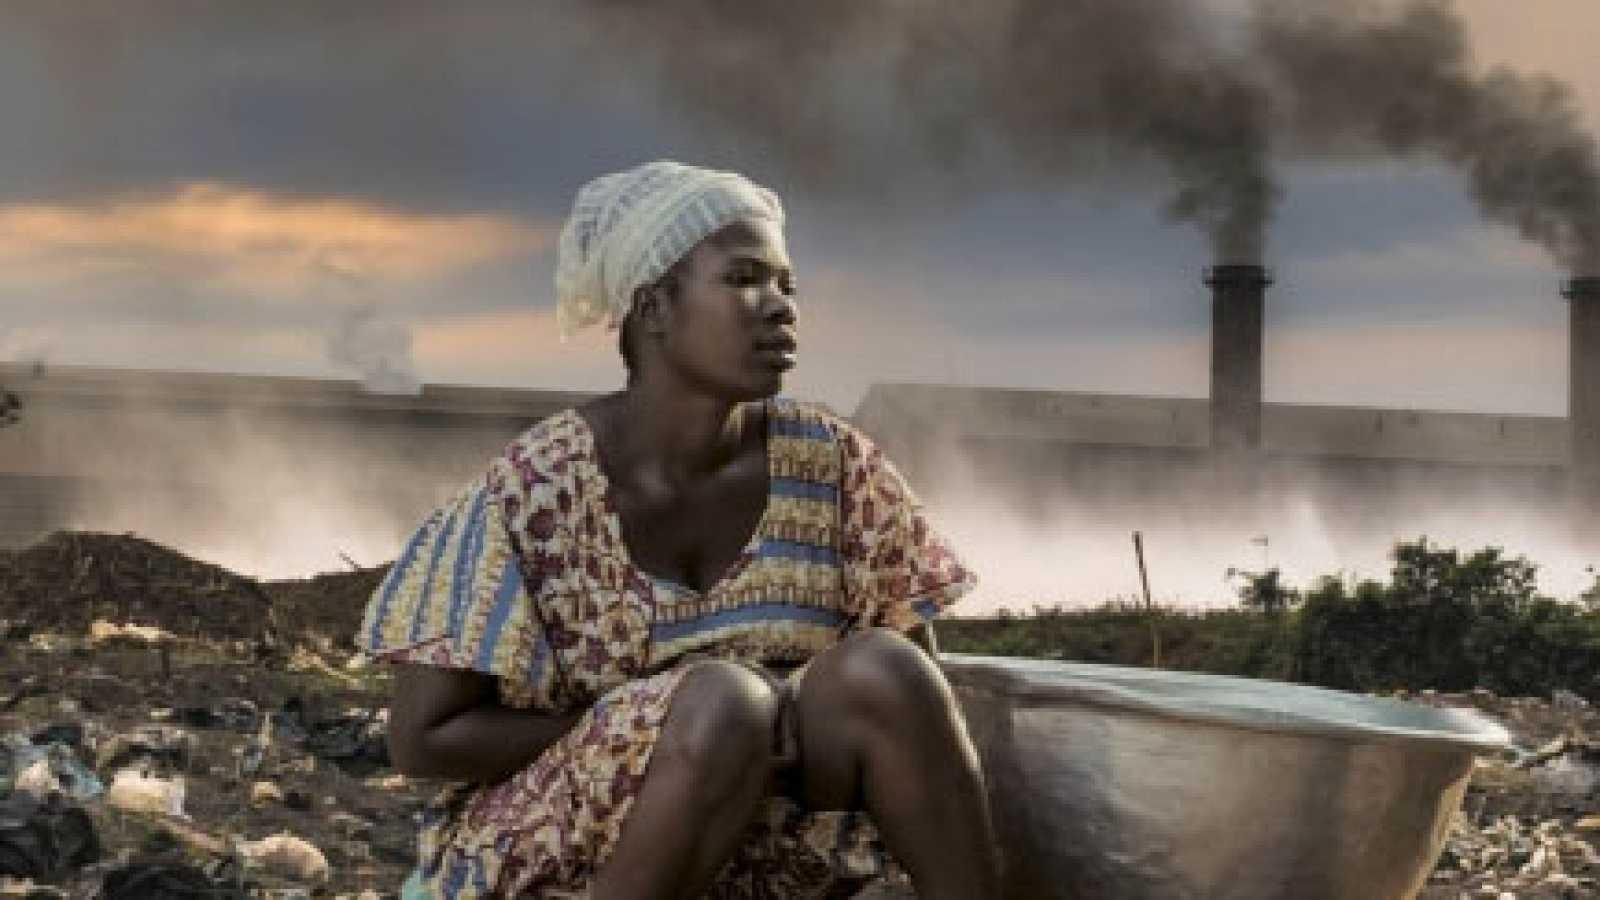 Mundo solidario - Nueva campaña de Manos Unidas - 09/02/20 - escuchar ahora